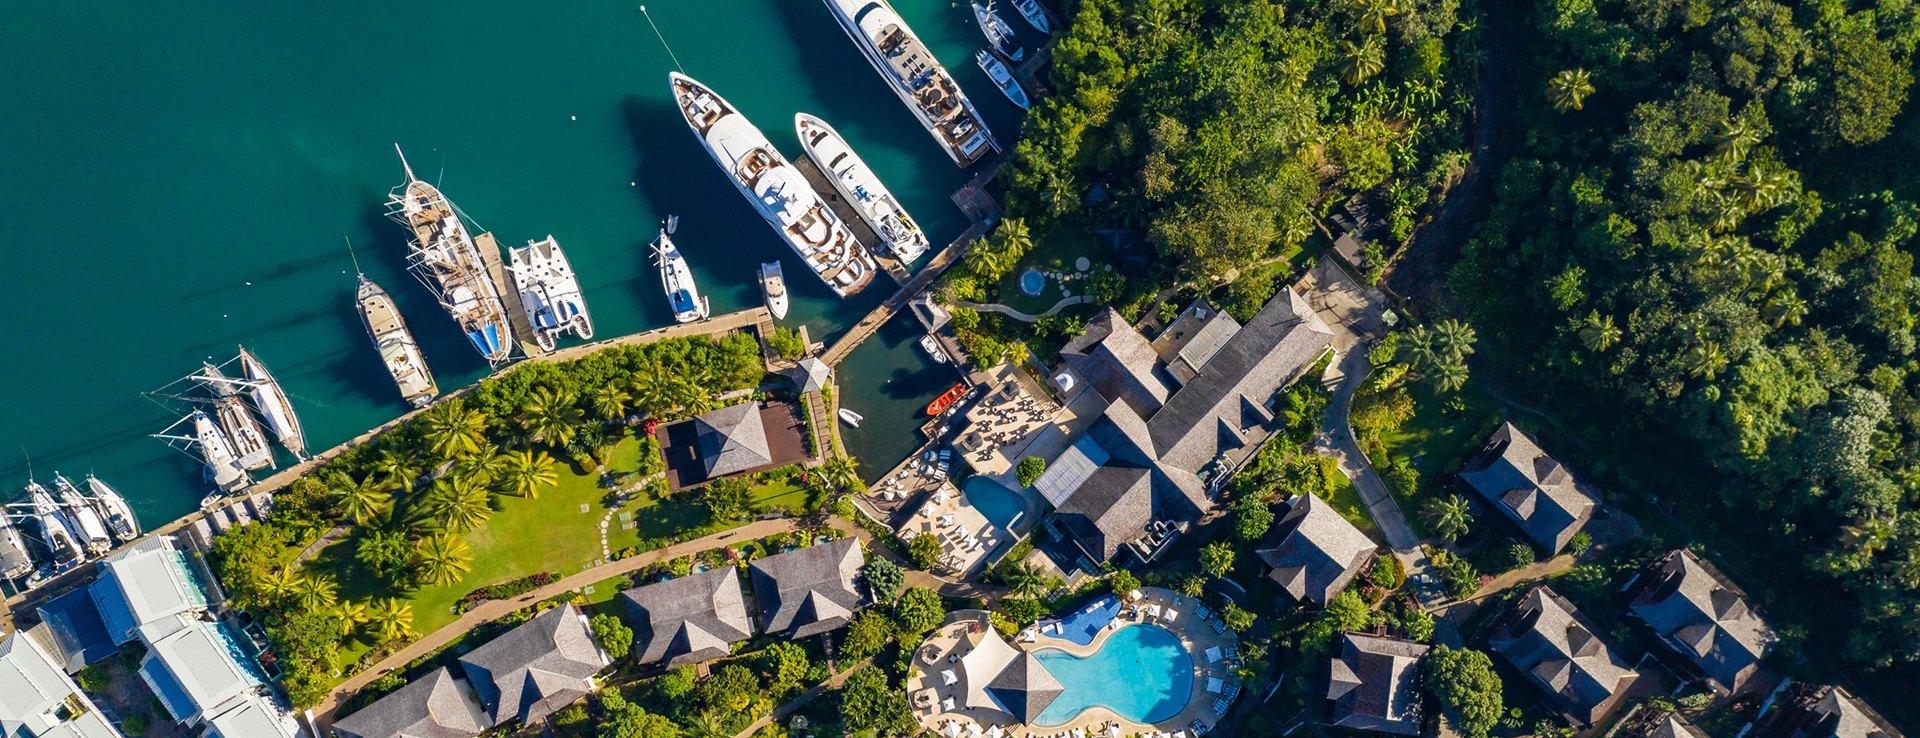 Marigot Bay Resort and Spa Image 1